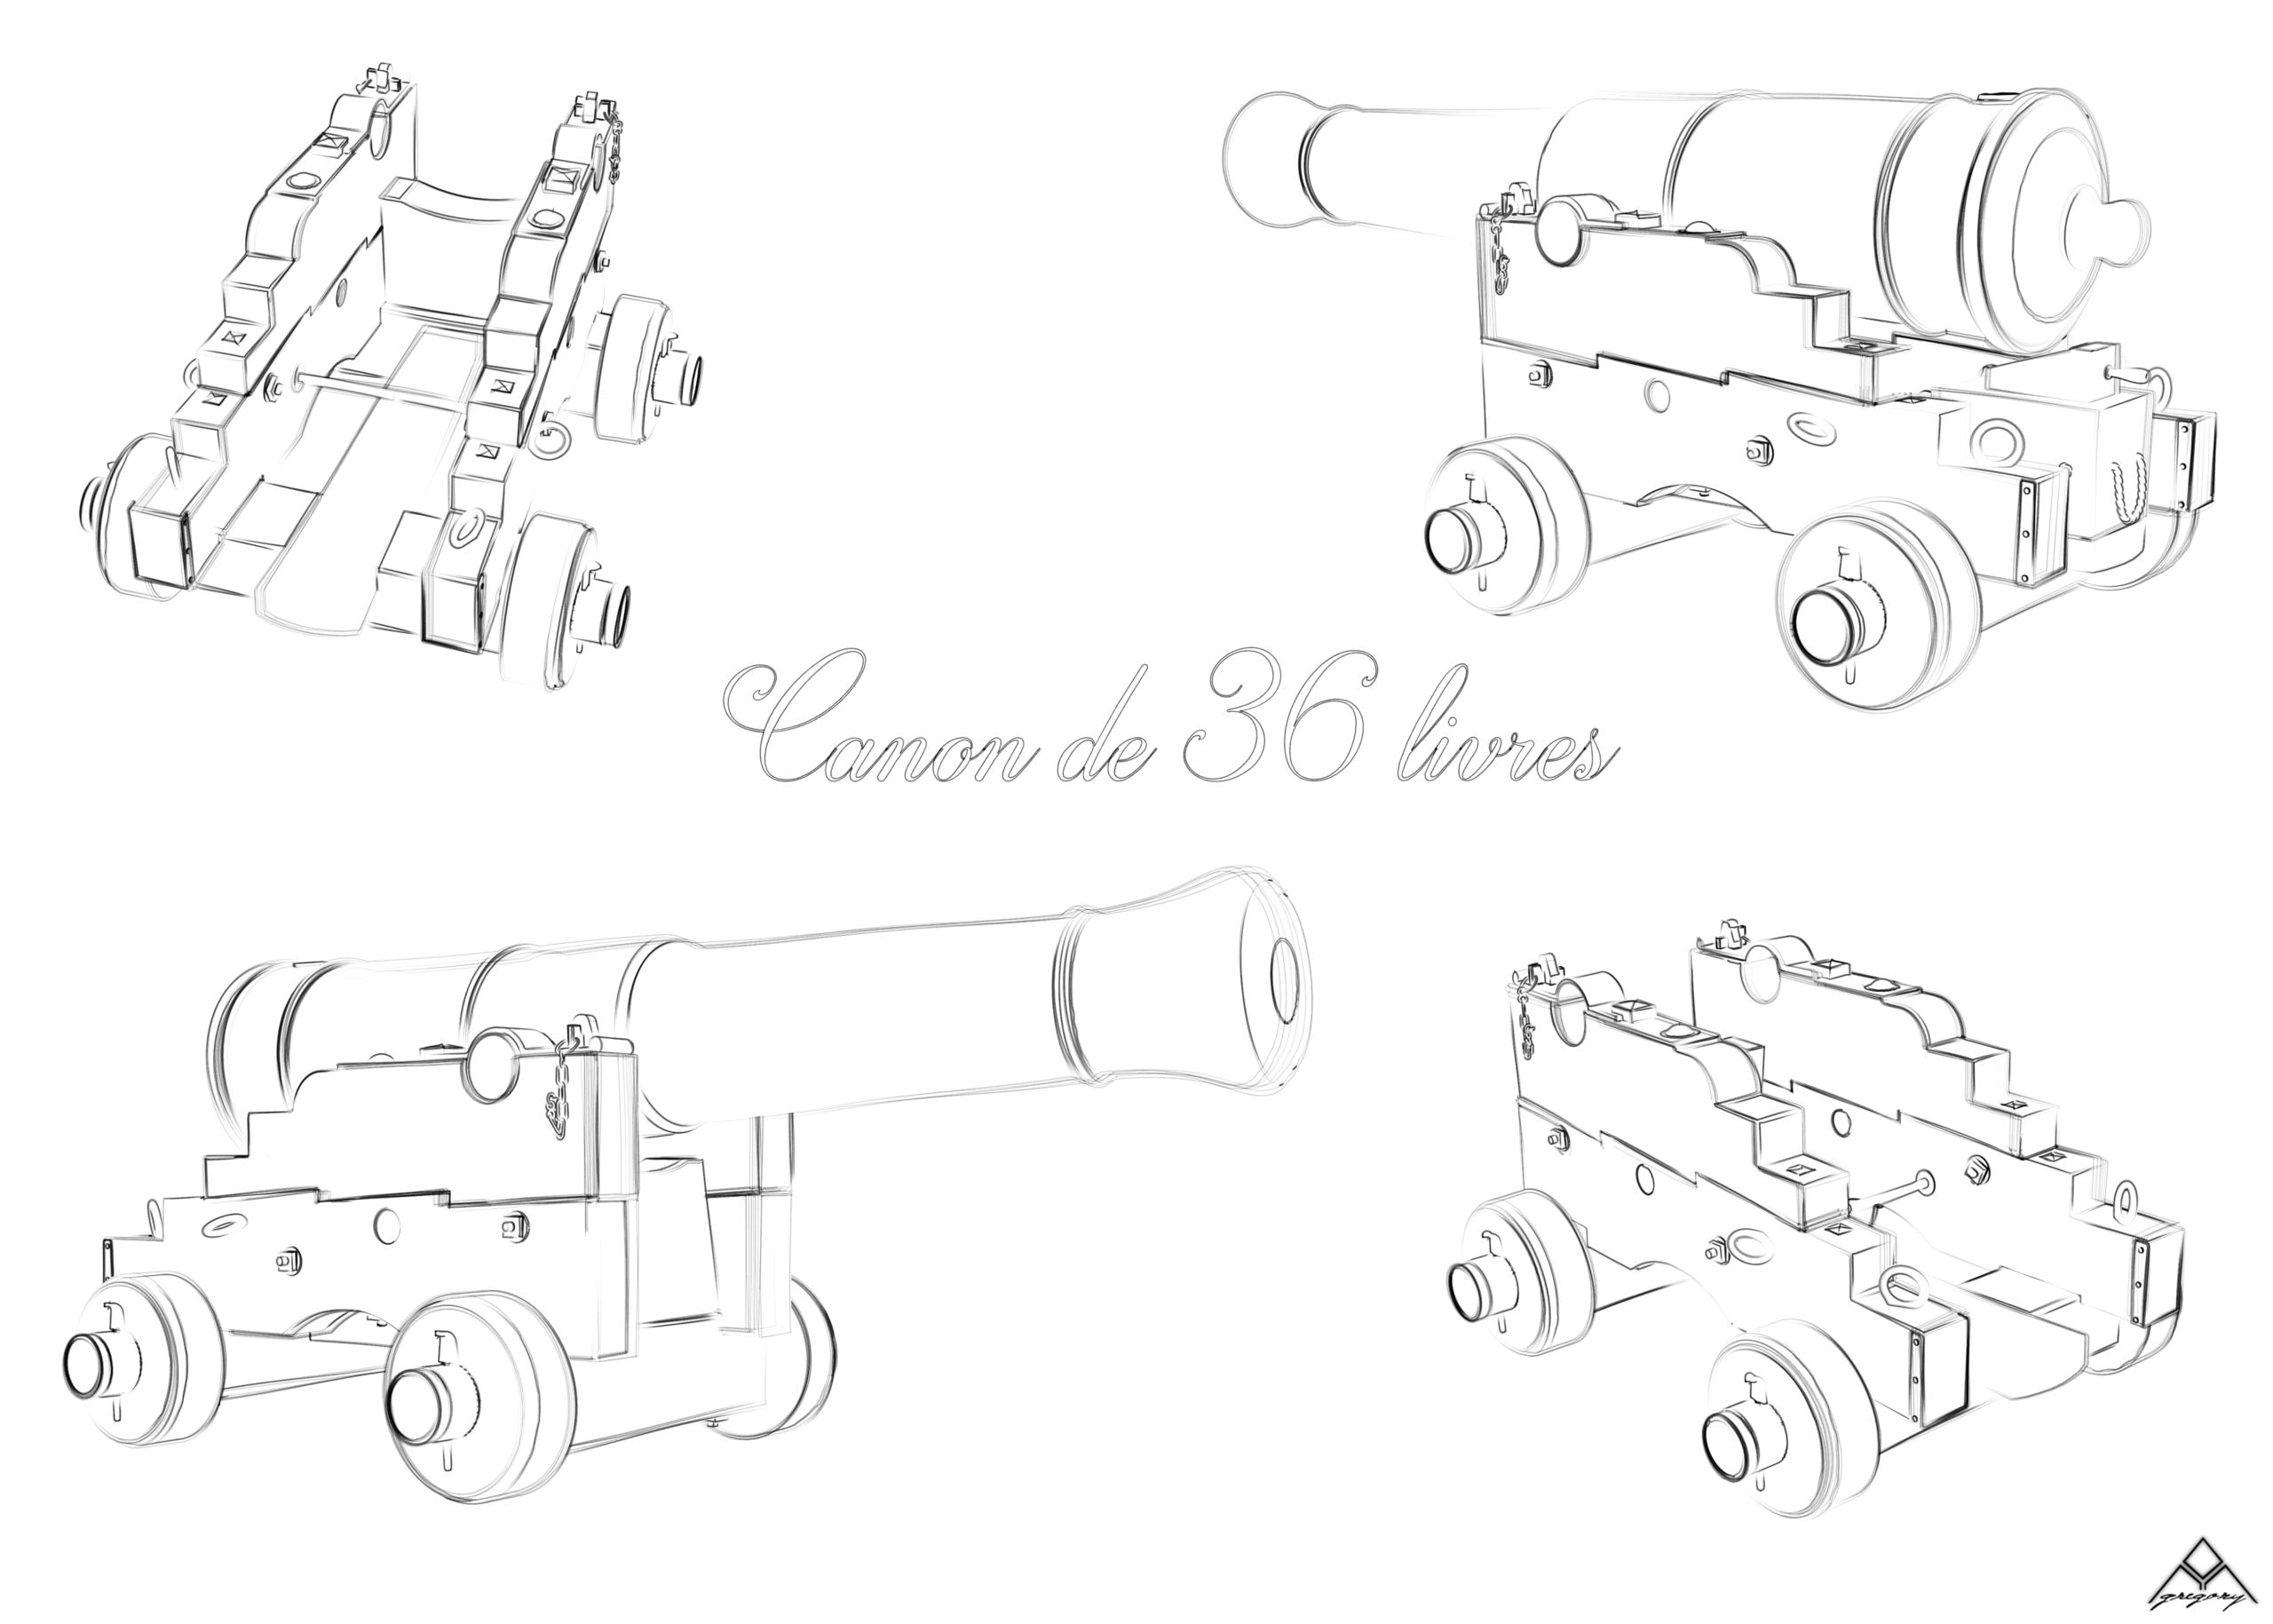 Canons pour le vaisseau de 74 canons - Page 12 Canon_63